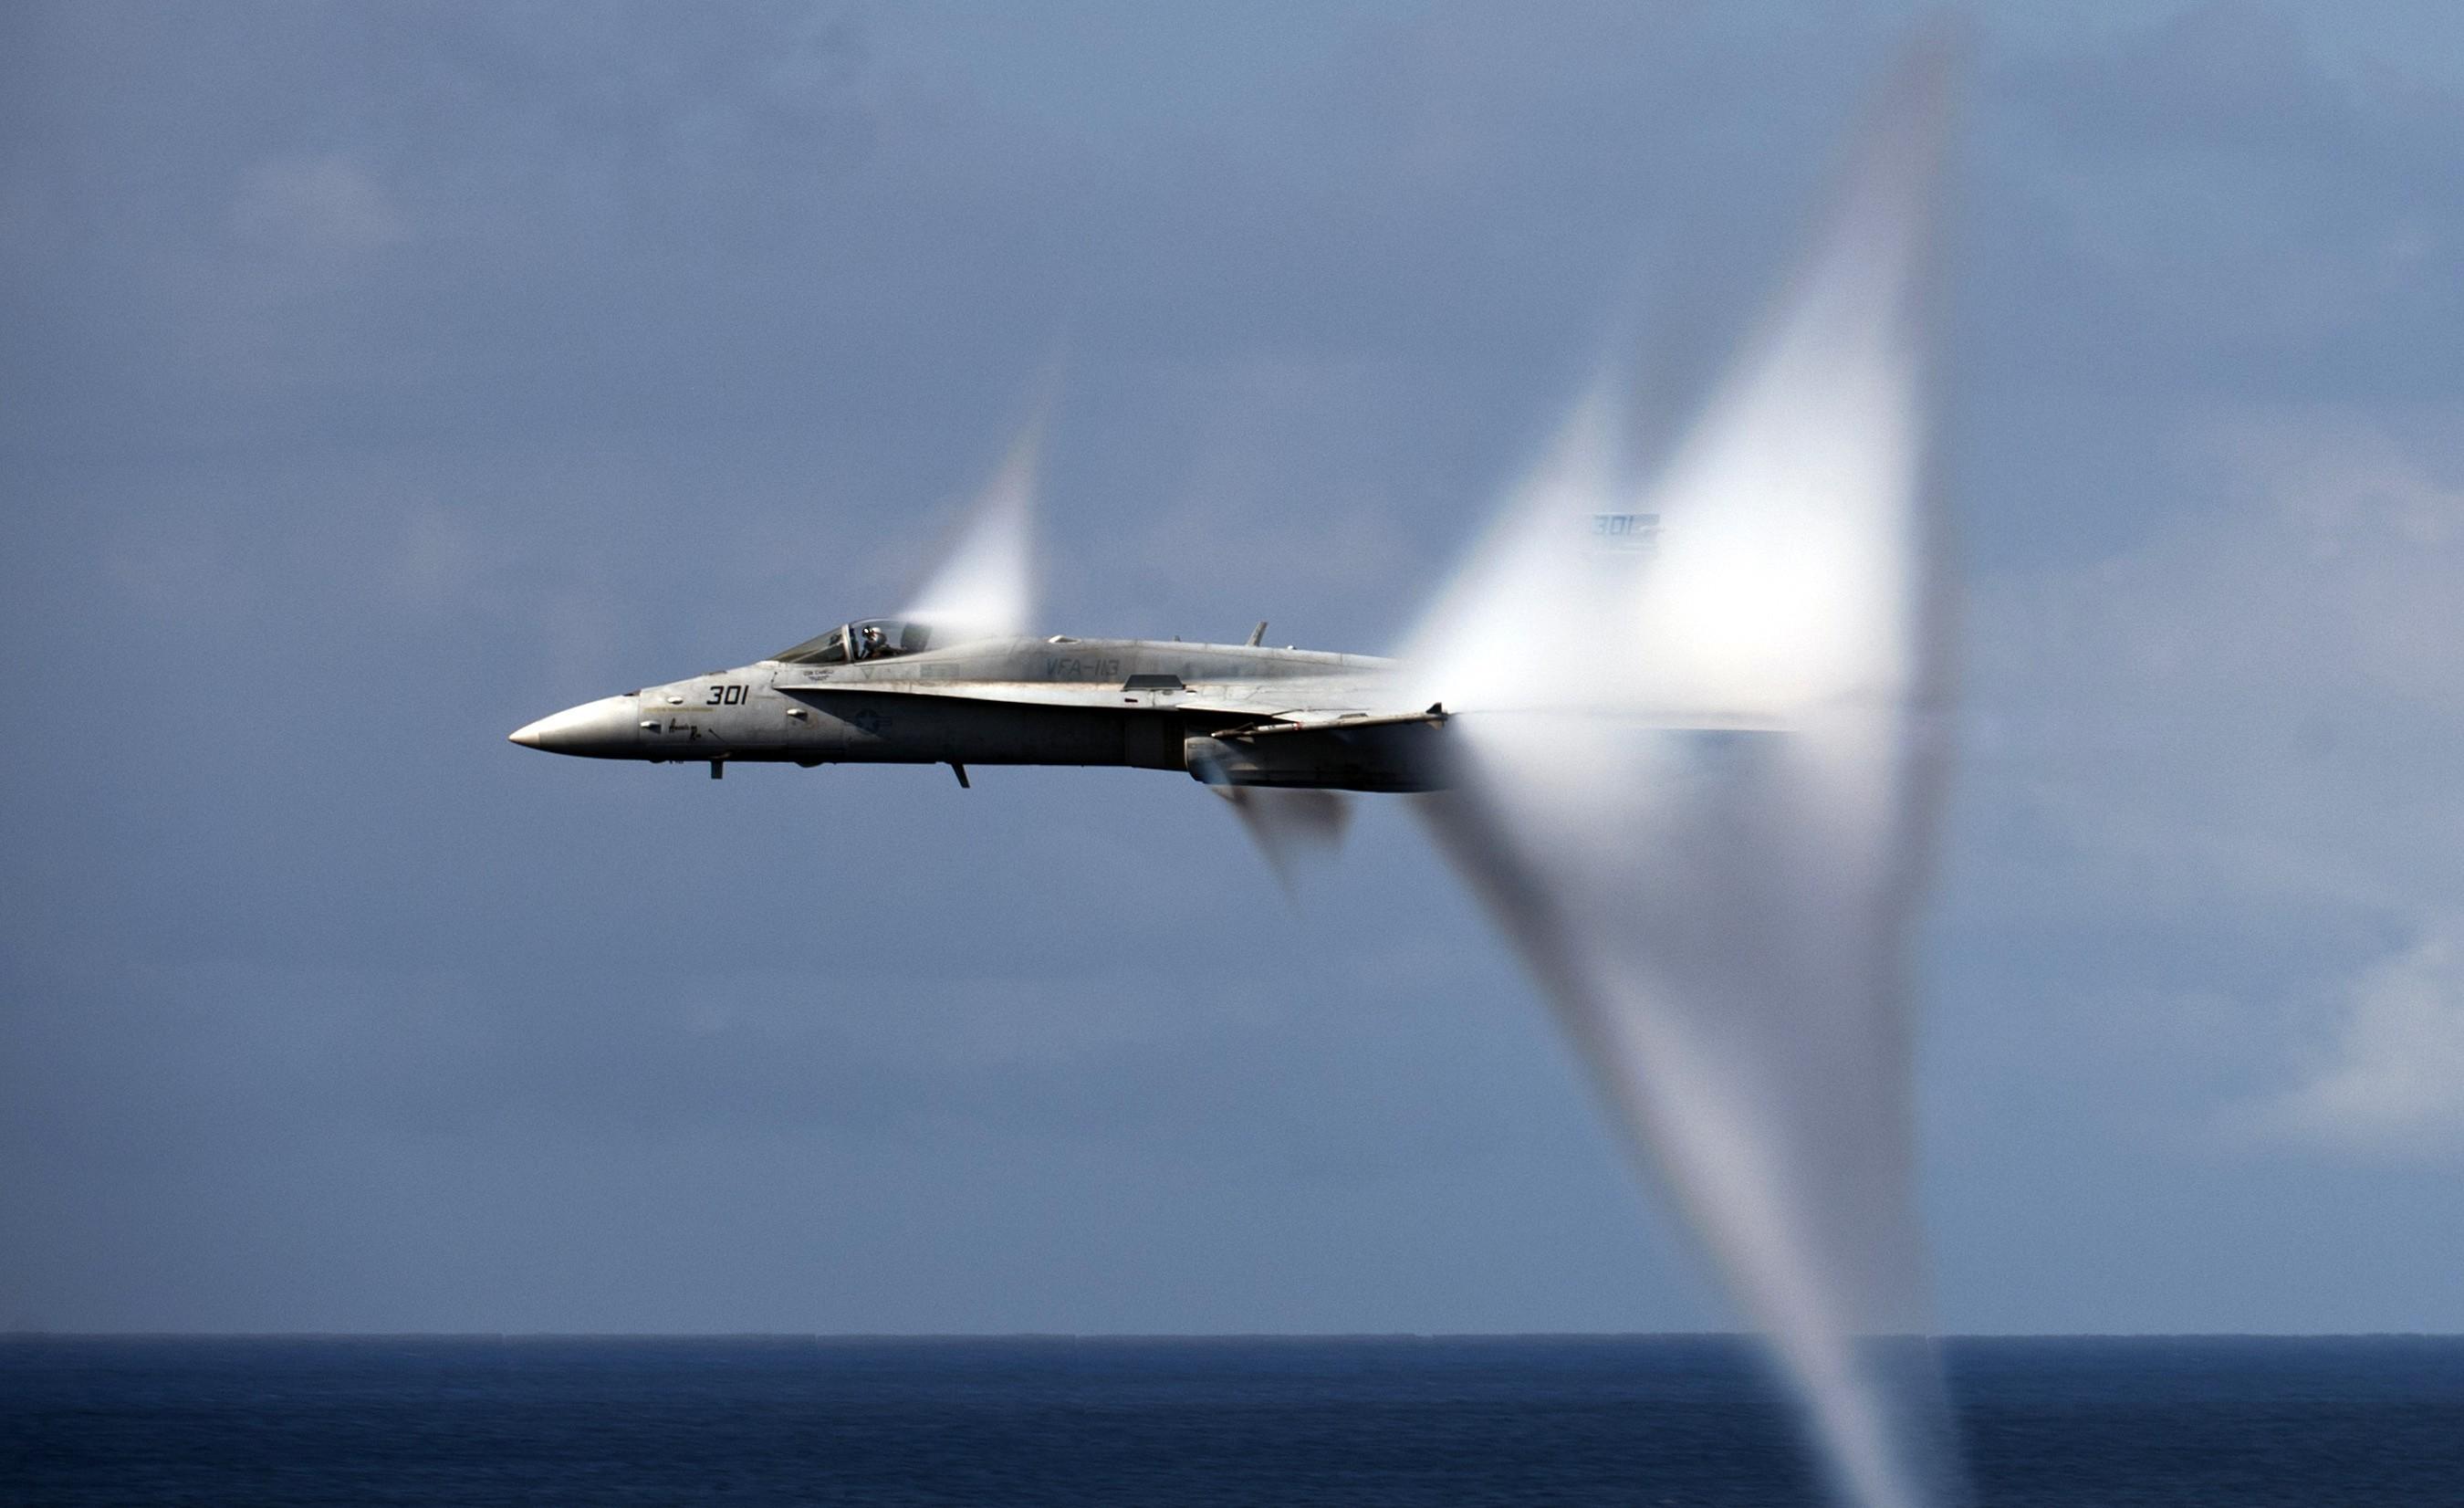 самолет преодолевает звуковой барьер фото россия постарался запечатлеть этот